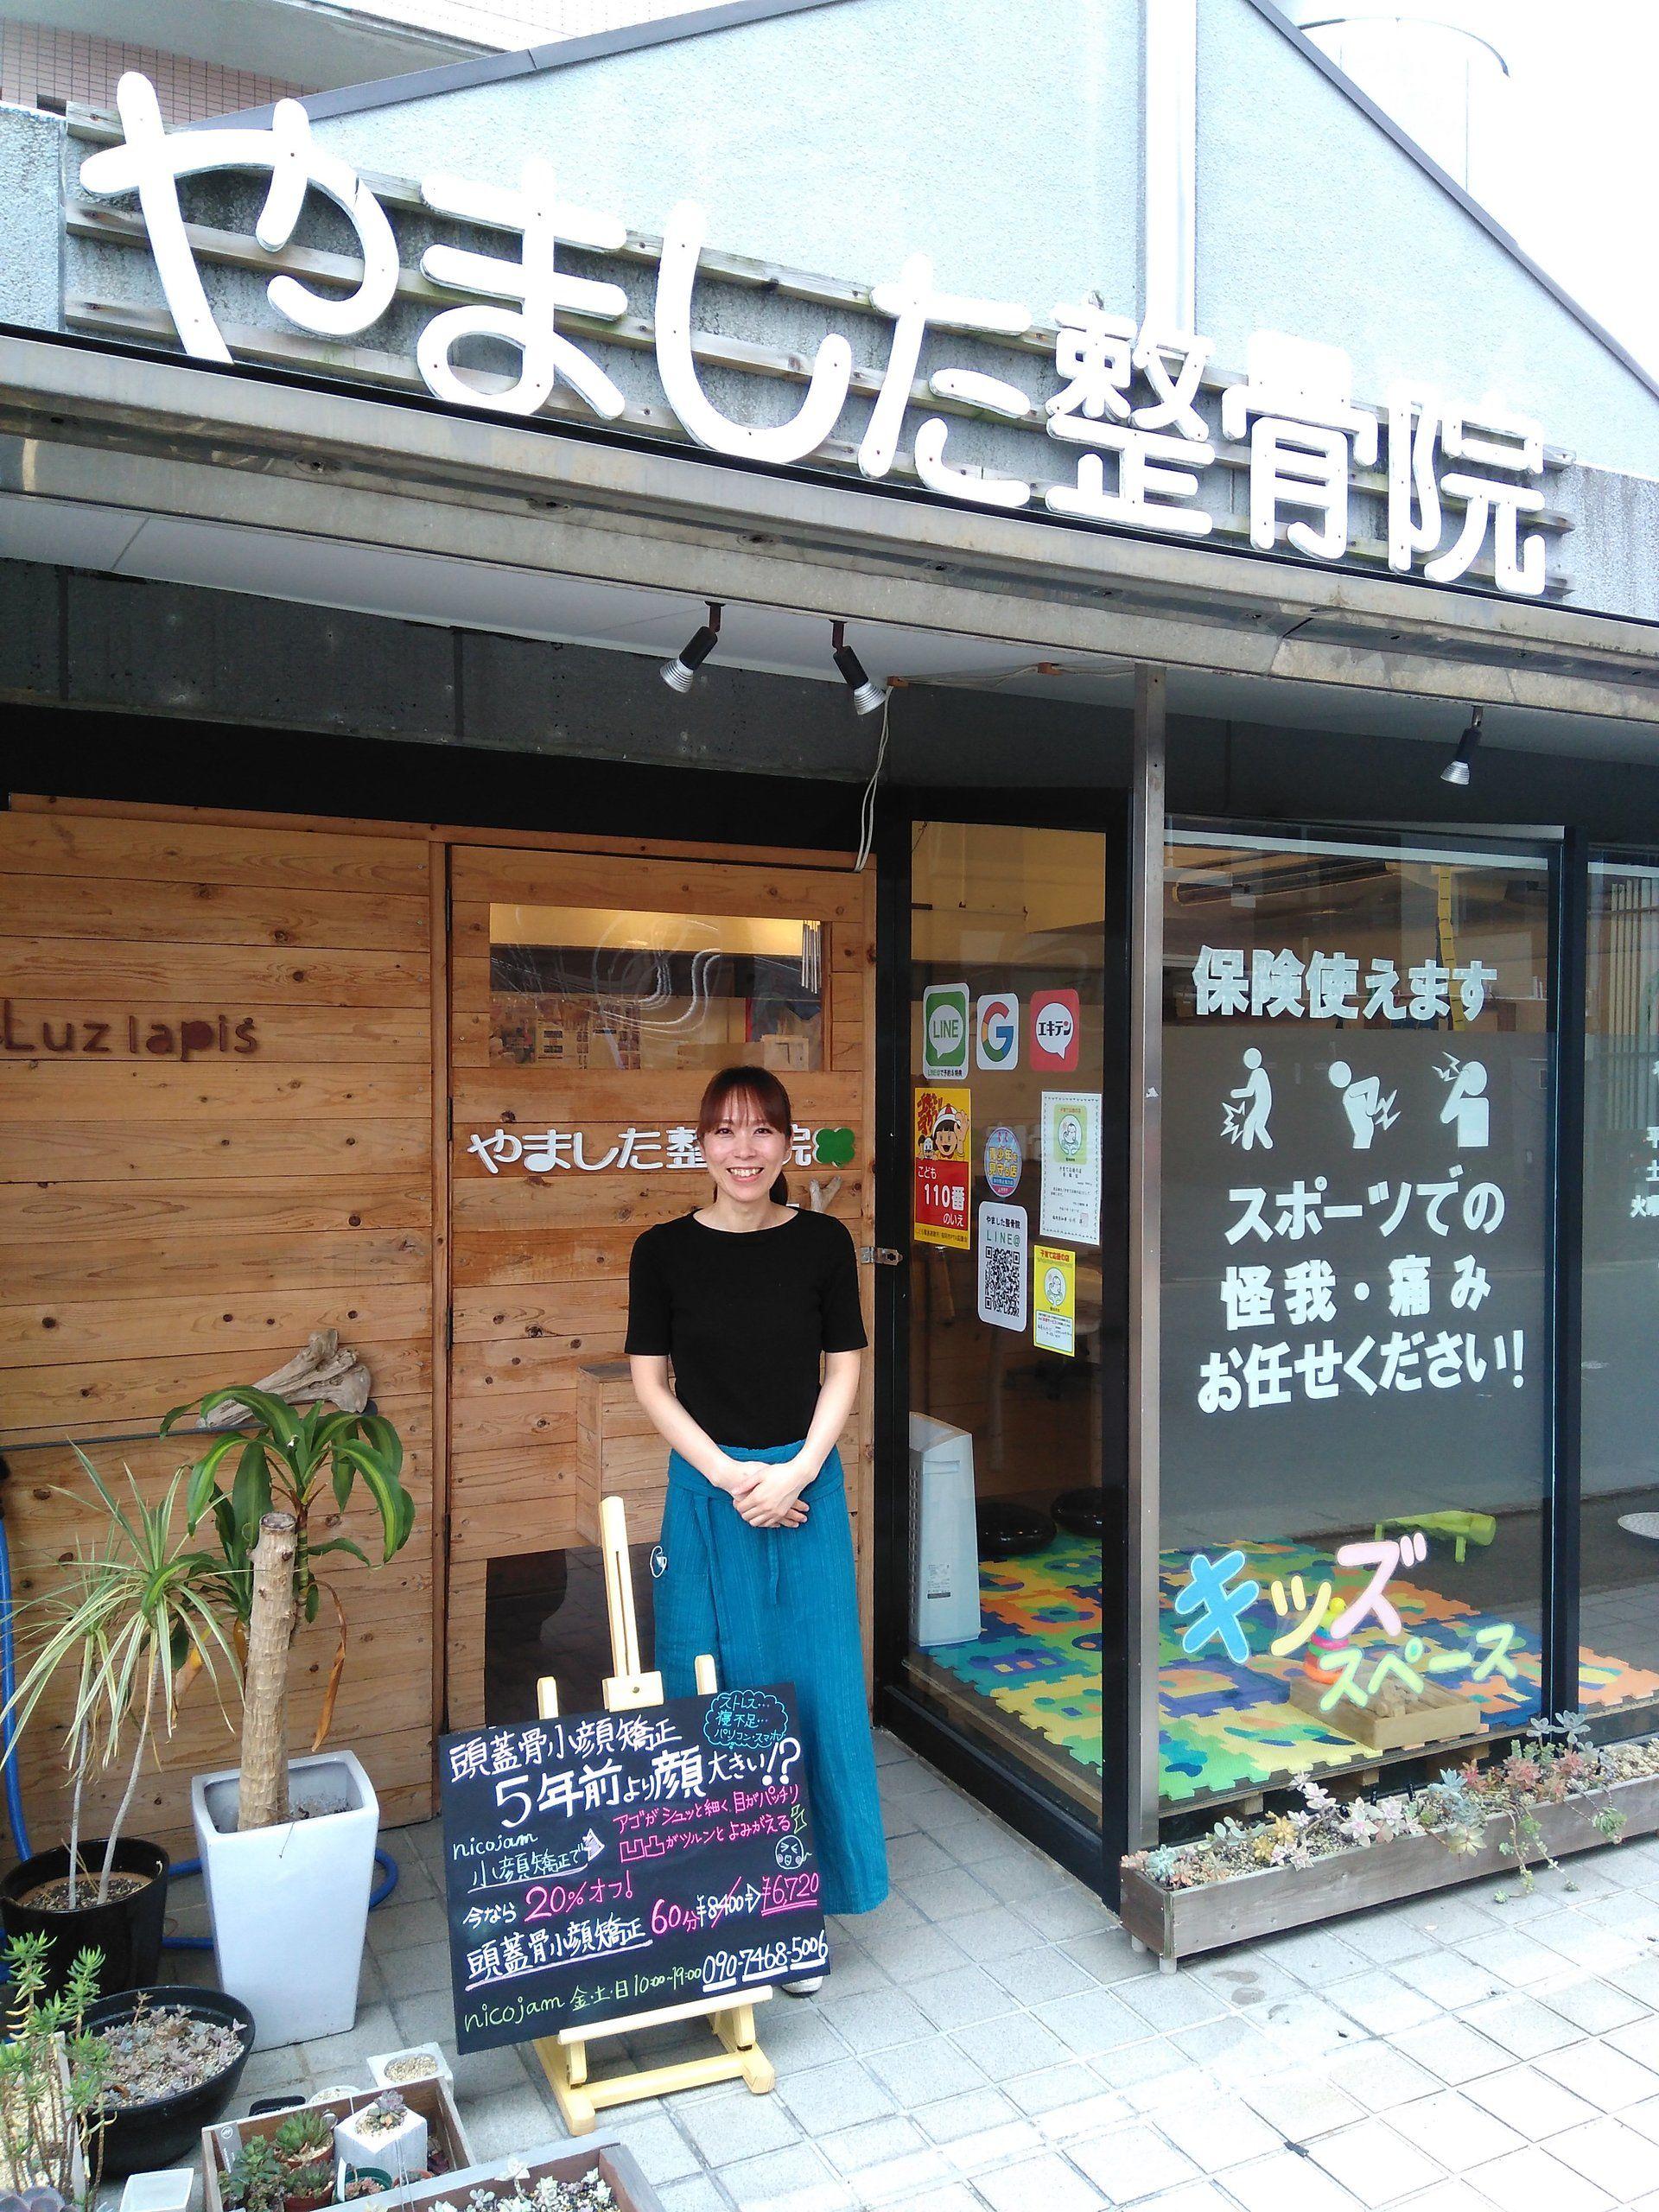 リンパ、小顔矯正専門店nicojamの店内・外観画像4